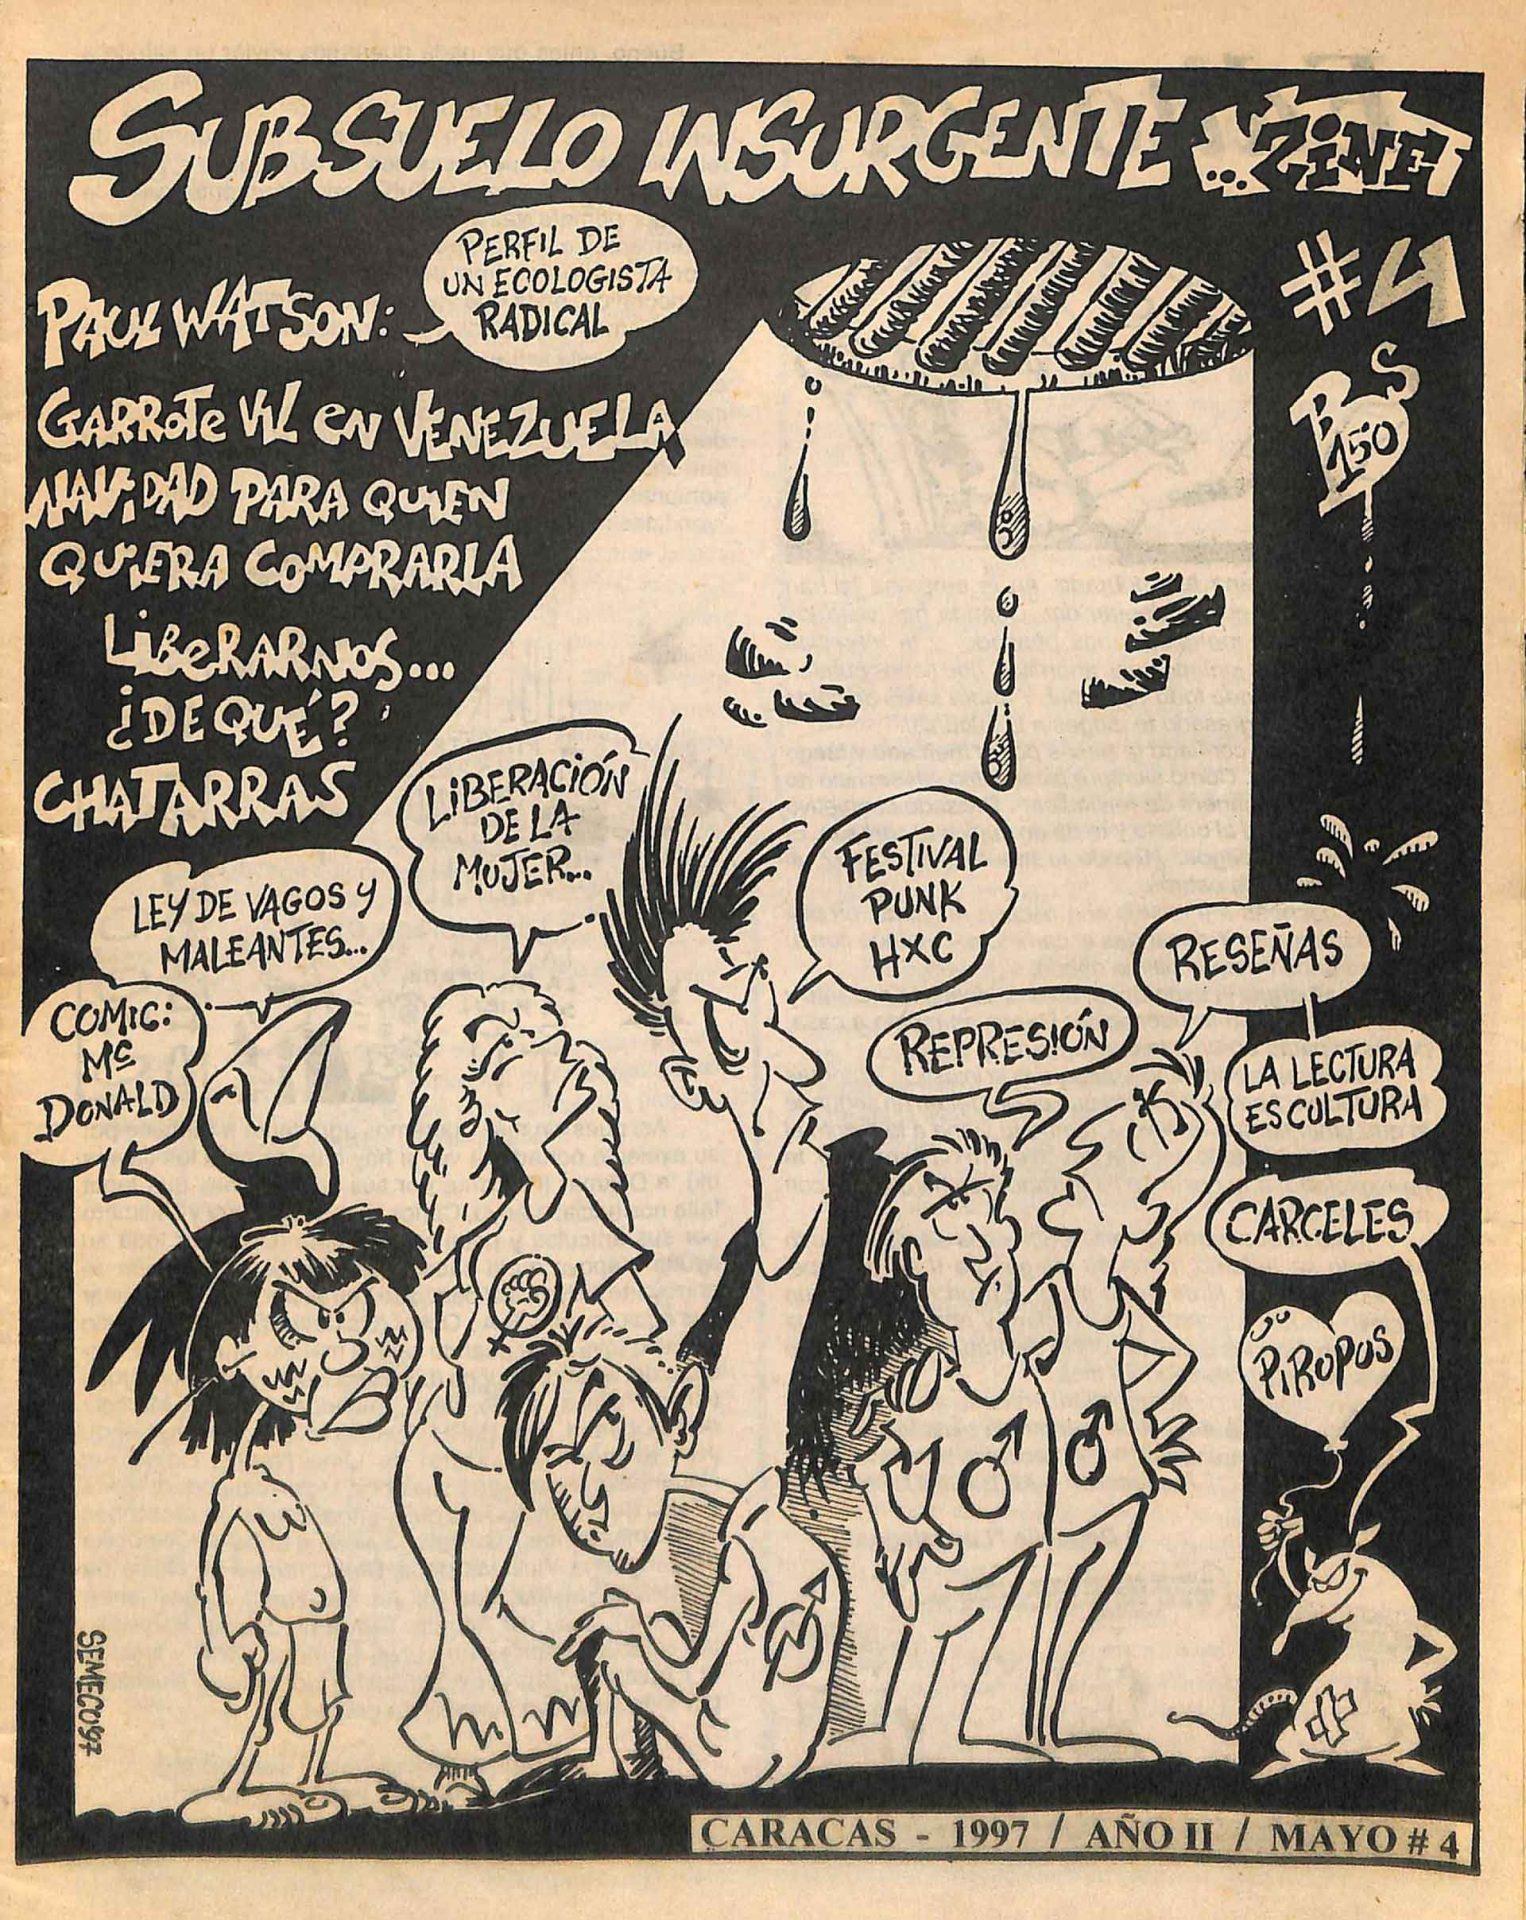 Sub-suelo Insurgente Zine No. 4, 1997